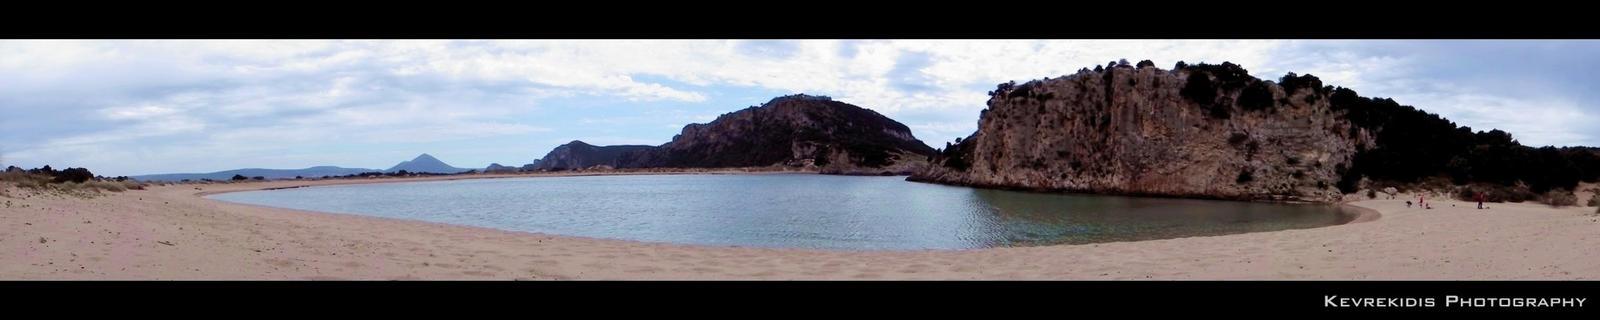 Messenian Beach by Kevrekidis